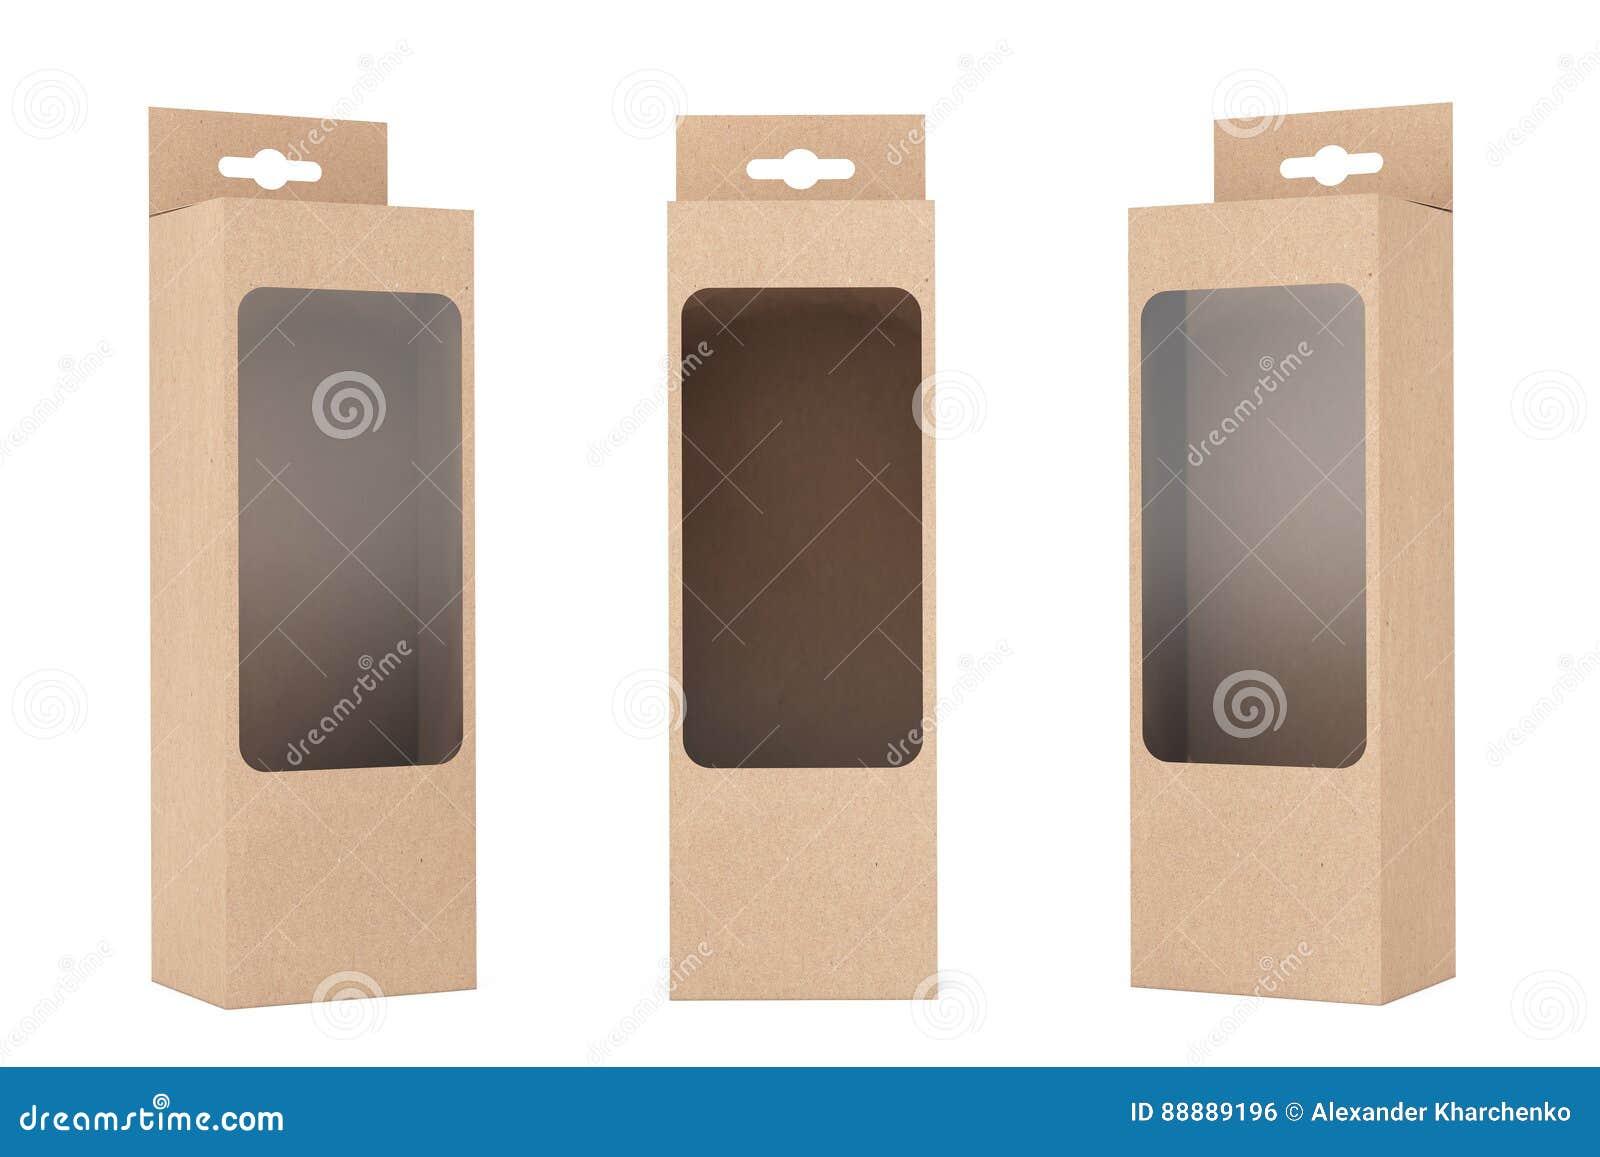 产品有吊槽孔和透明影片窗口的包裹箱子